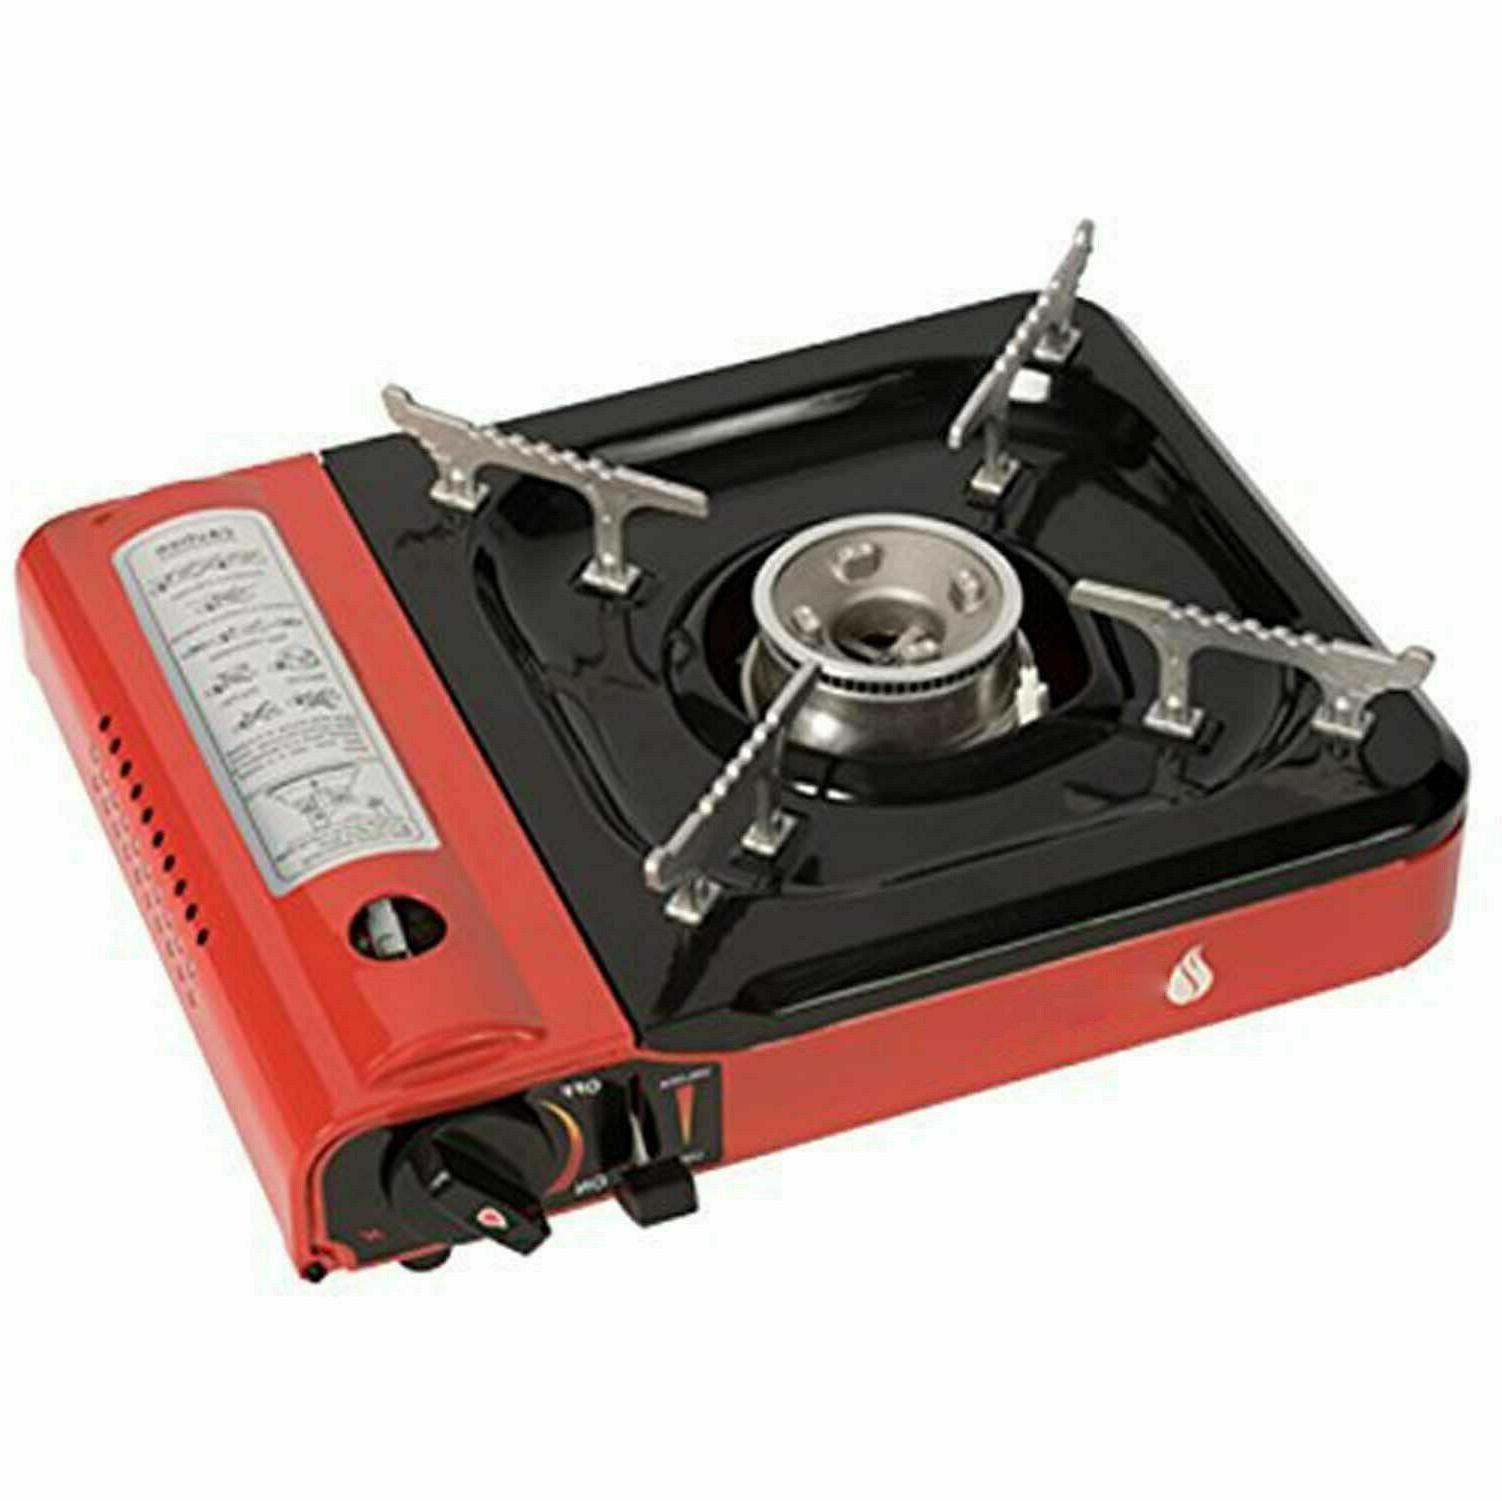 Portable Propane Butane Stove Black PRO Burner